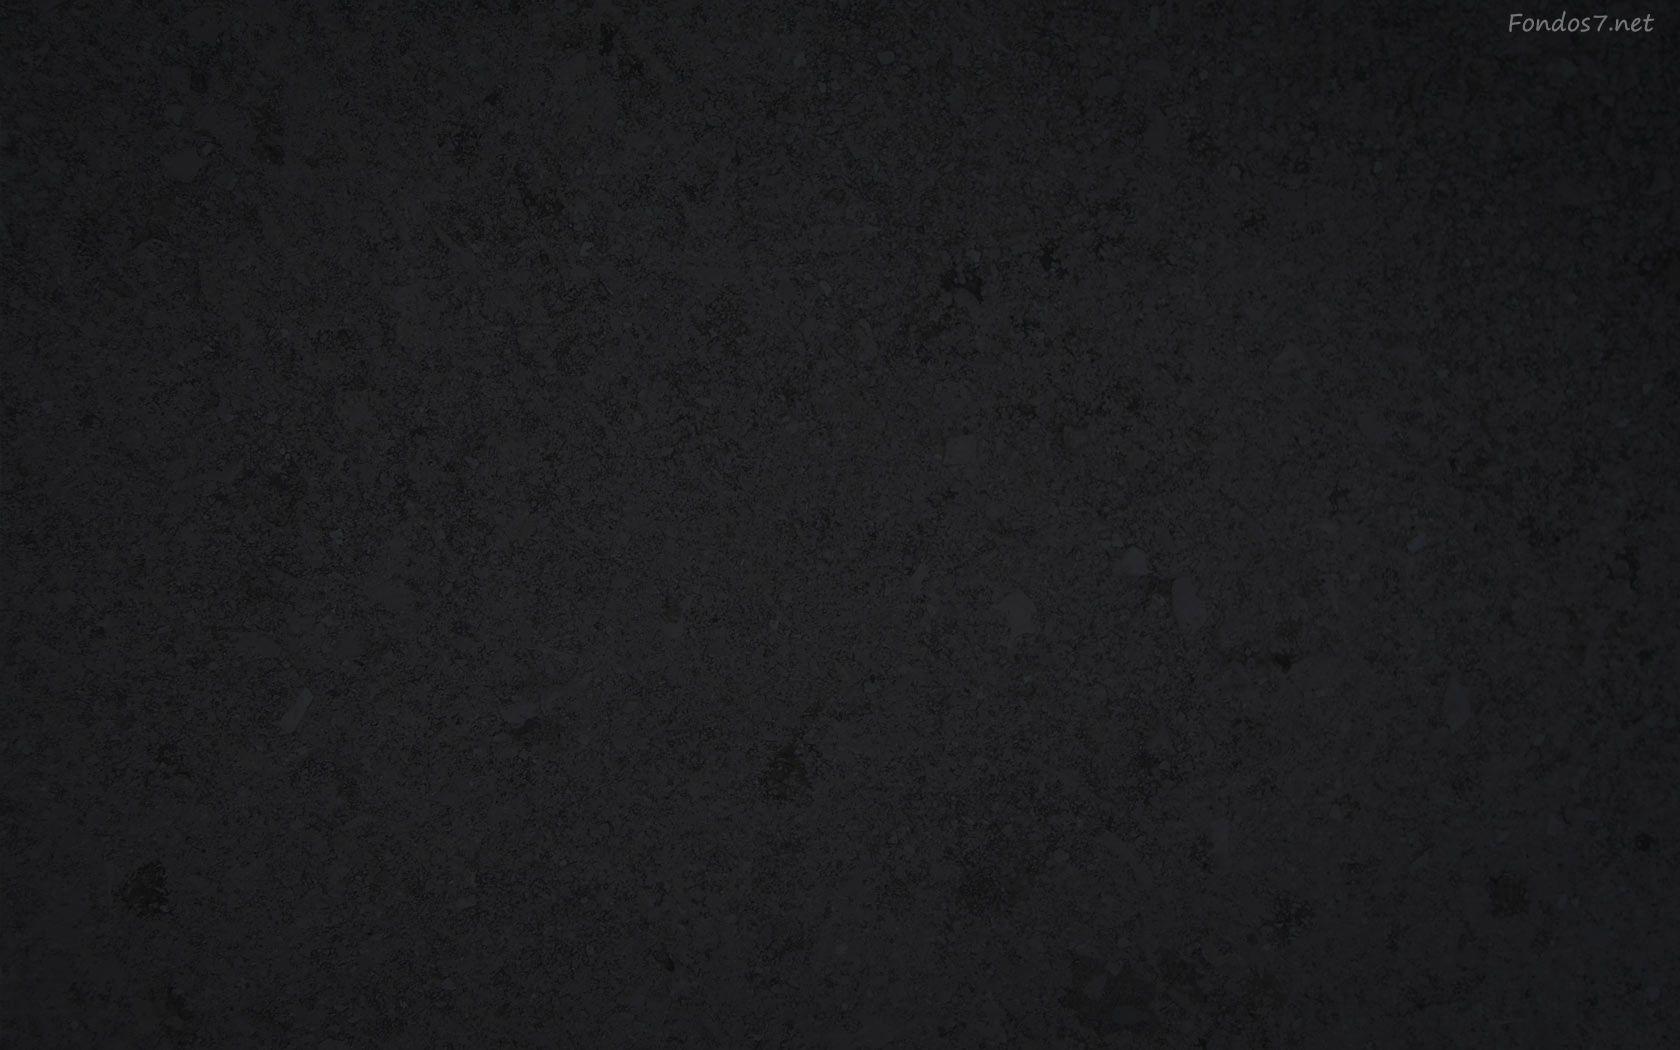 Descargar Fondos De Pantalla Textura Negro Hd Widescreen